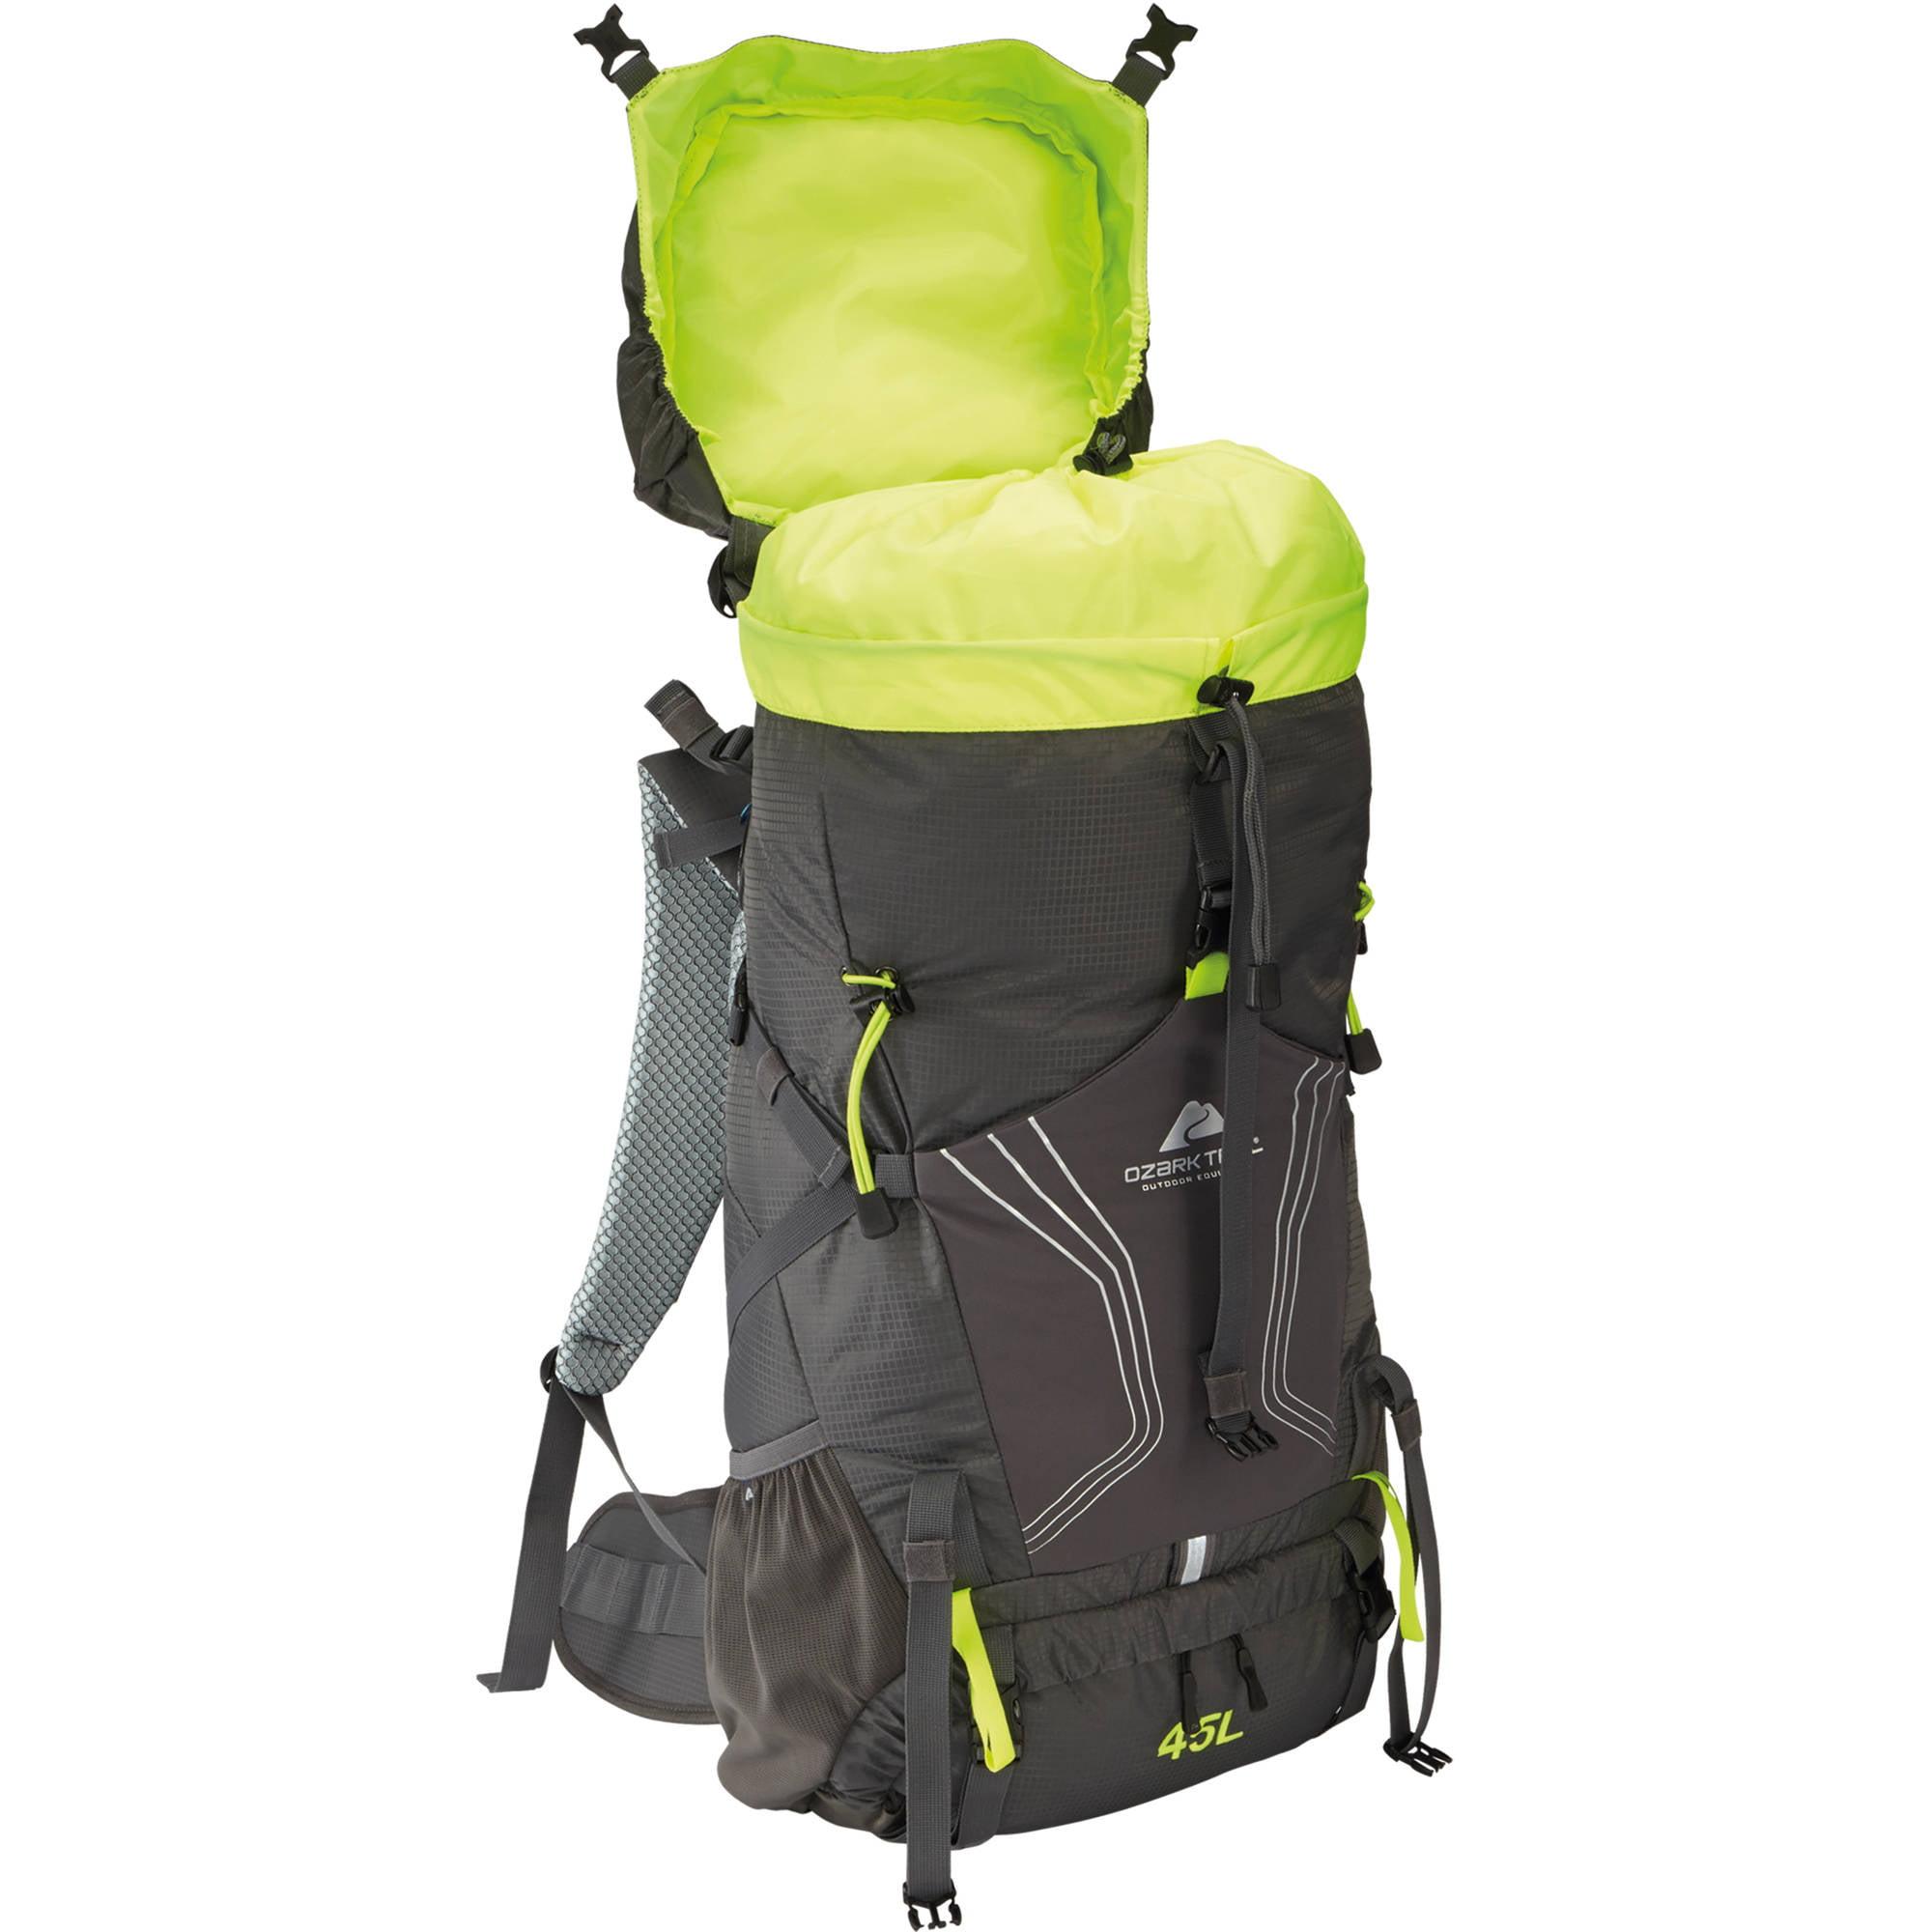 45l Hiking Backpack Click Backpacks